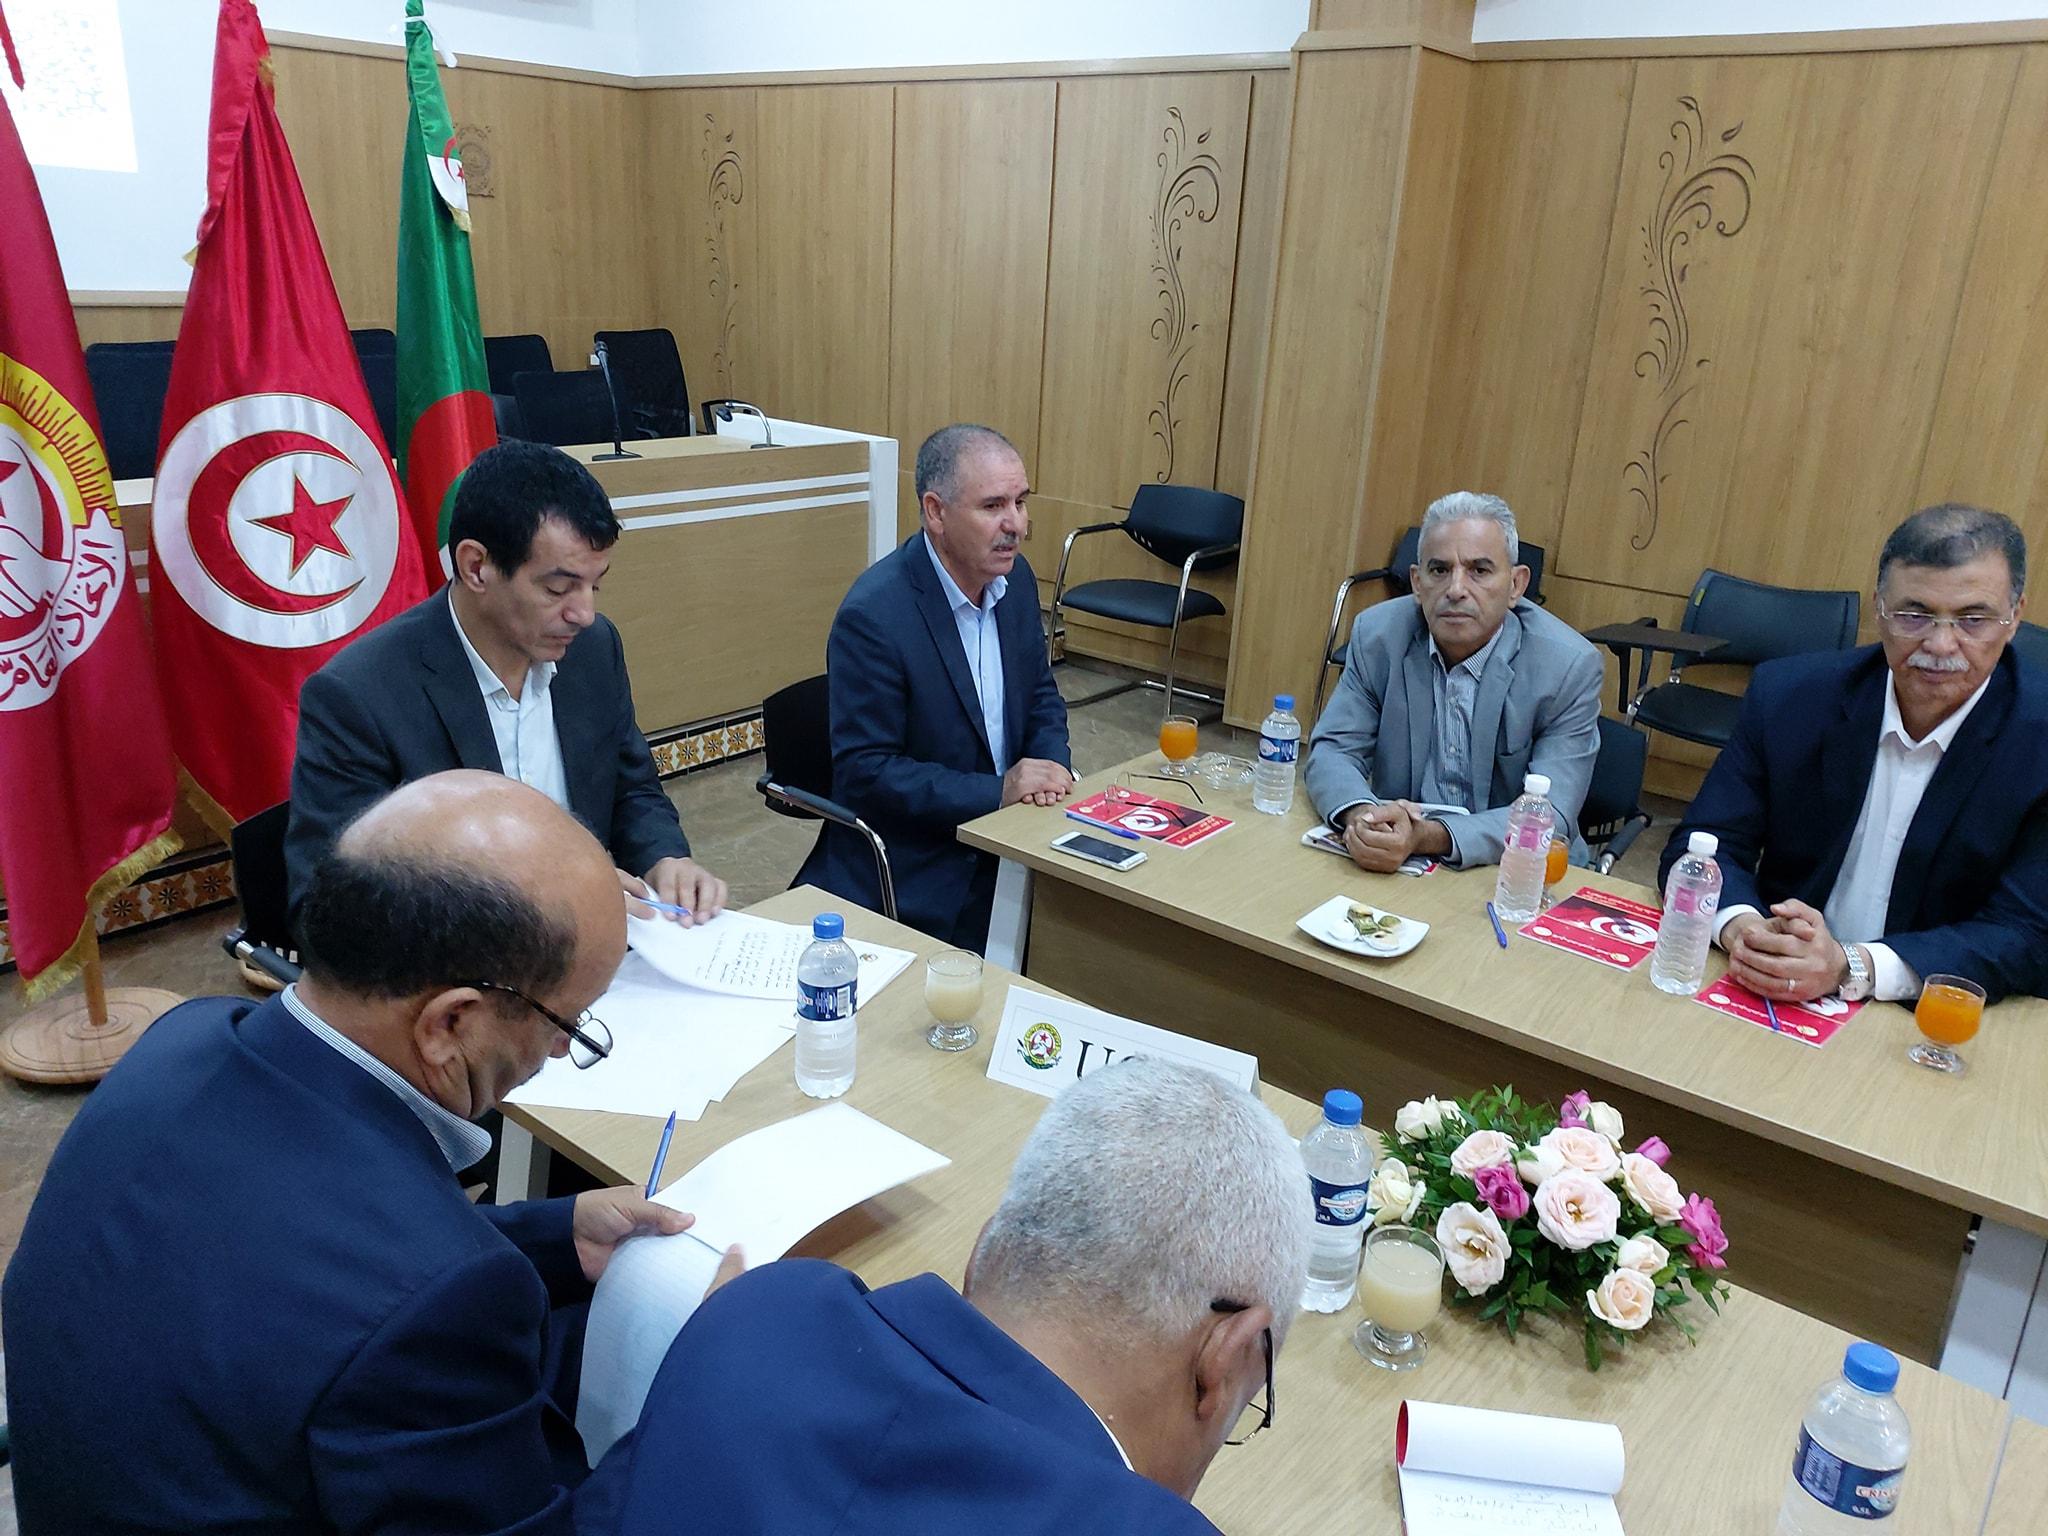 الطبوبي: تونس هي ظهر الجزائر ..والجزائر هي ظهر تونس